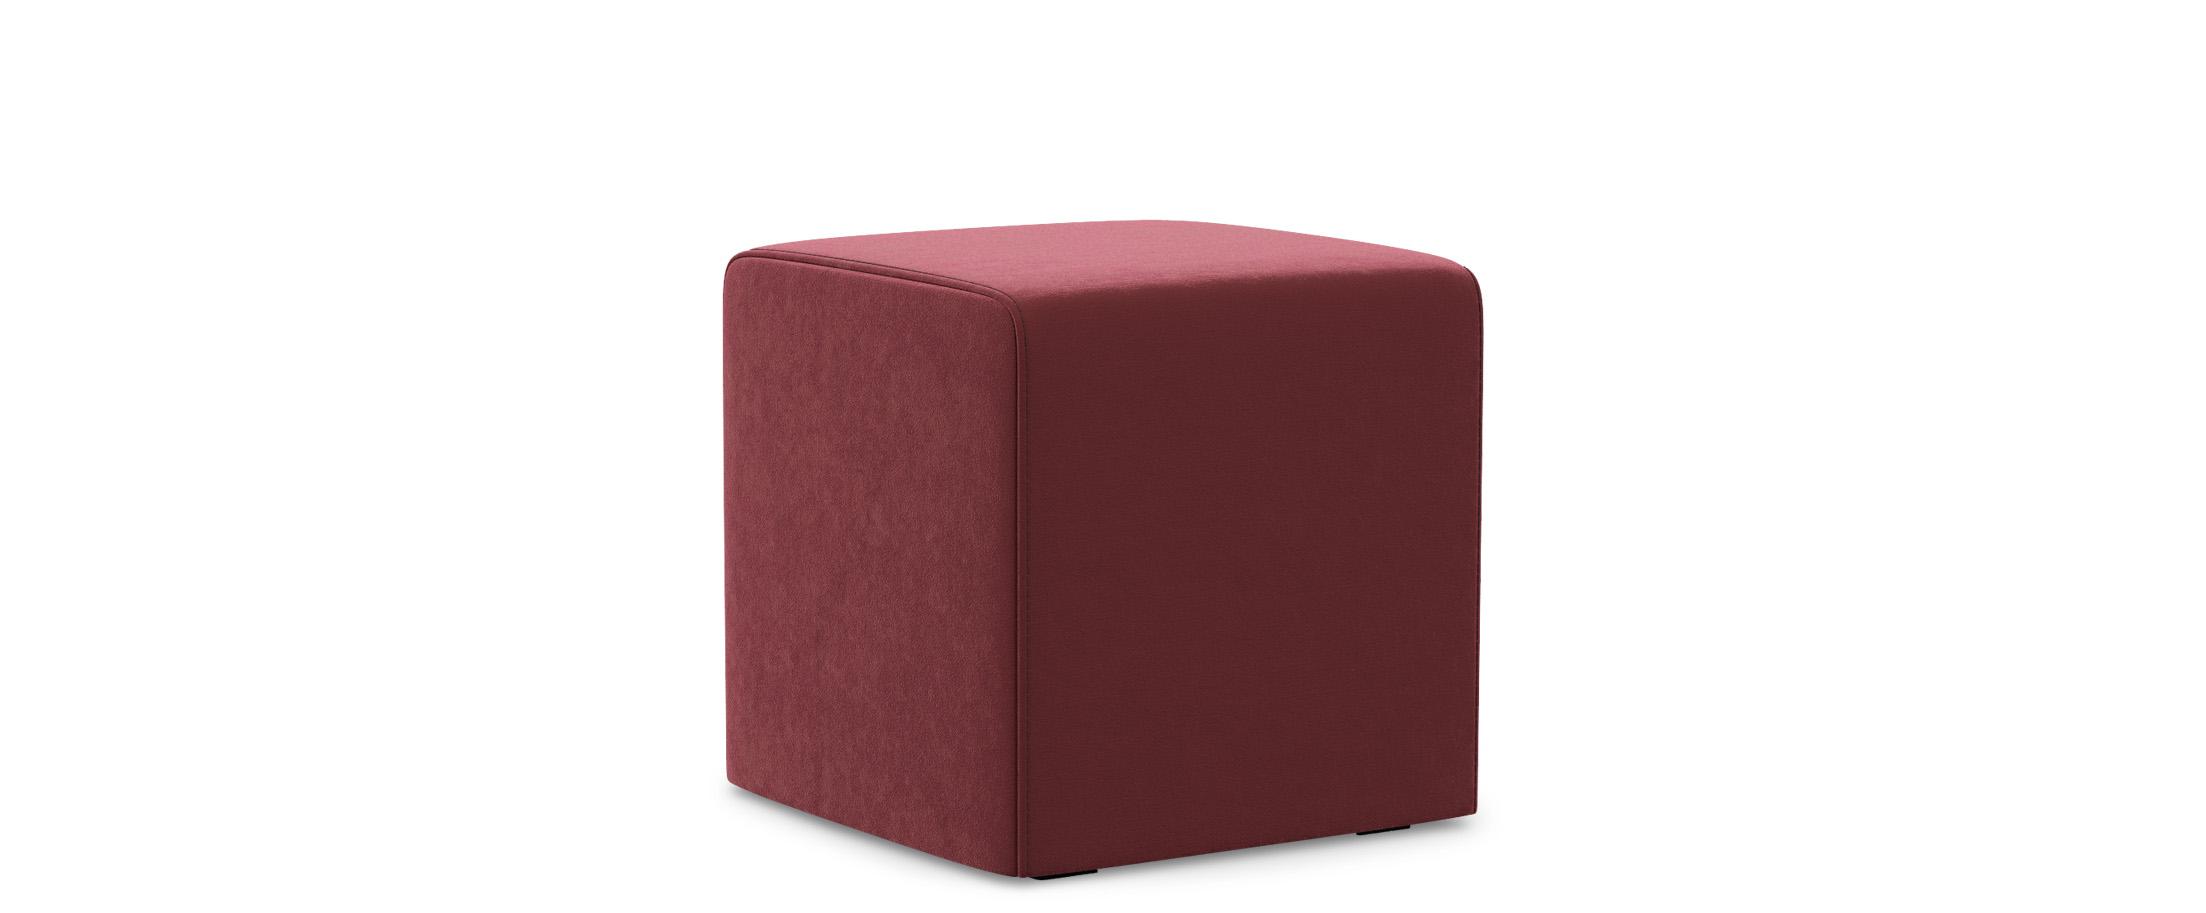 Купить Пуф куб, MOON TRADE, Бордовый, Велюр